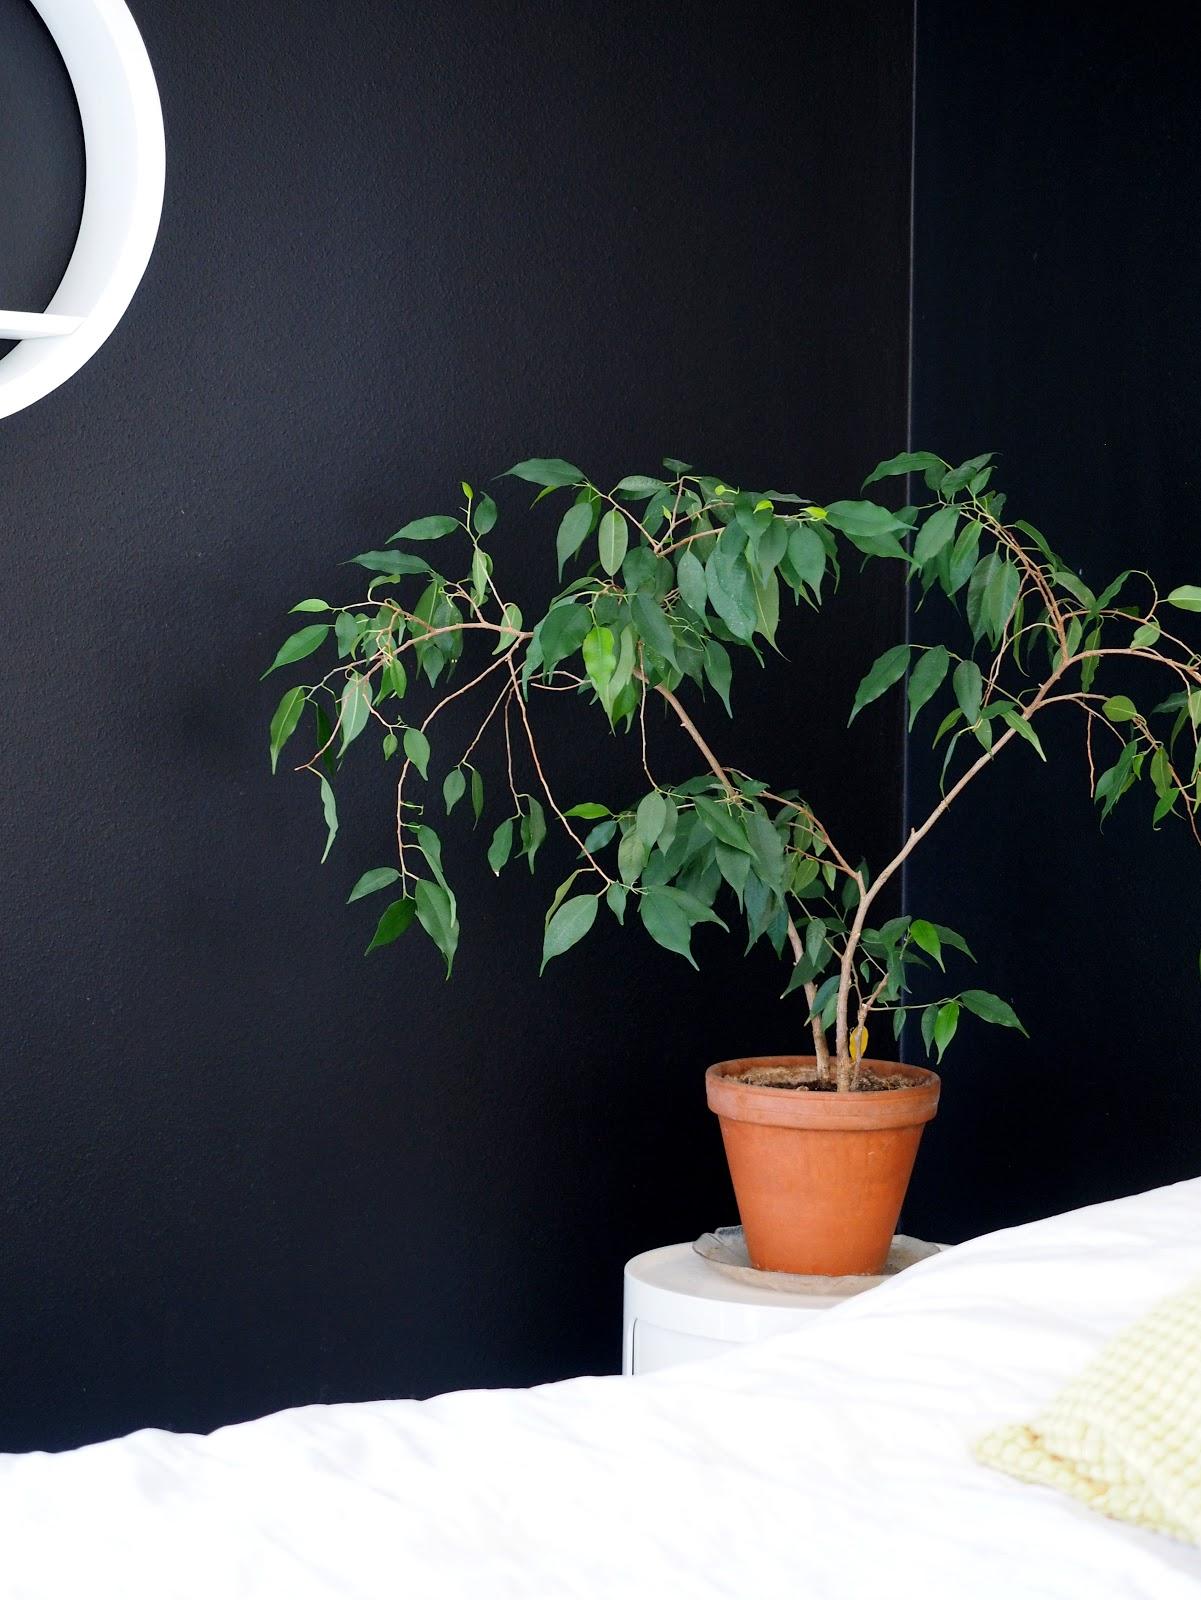 musta seinä, viherkasvi